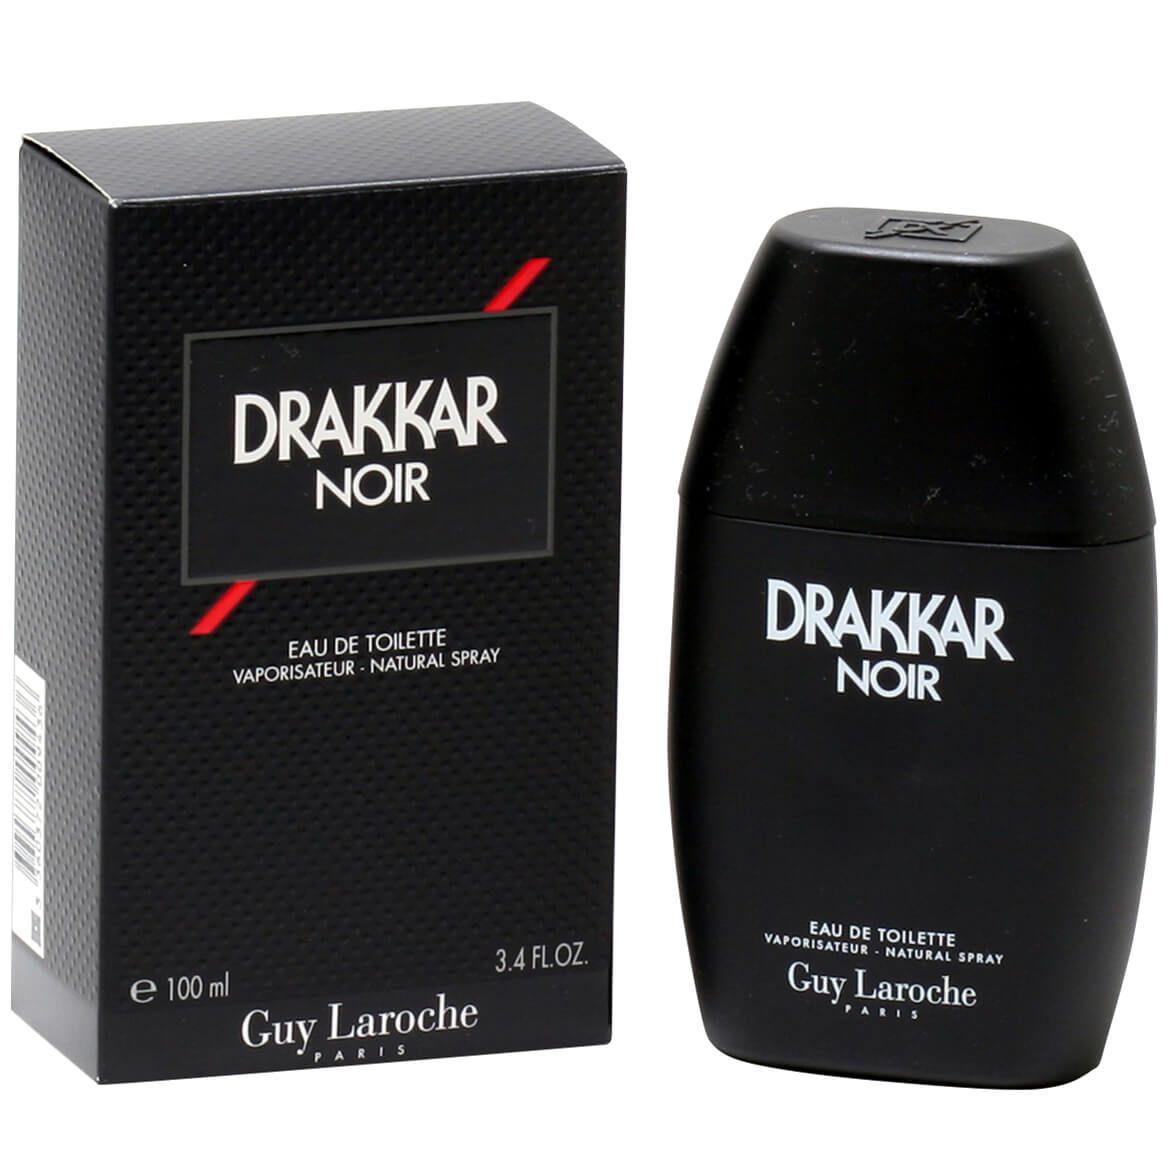 Guy Laroche Drakkar Noir for Men EDT, 3.4 oz.-366846